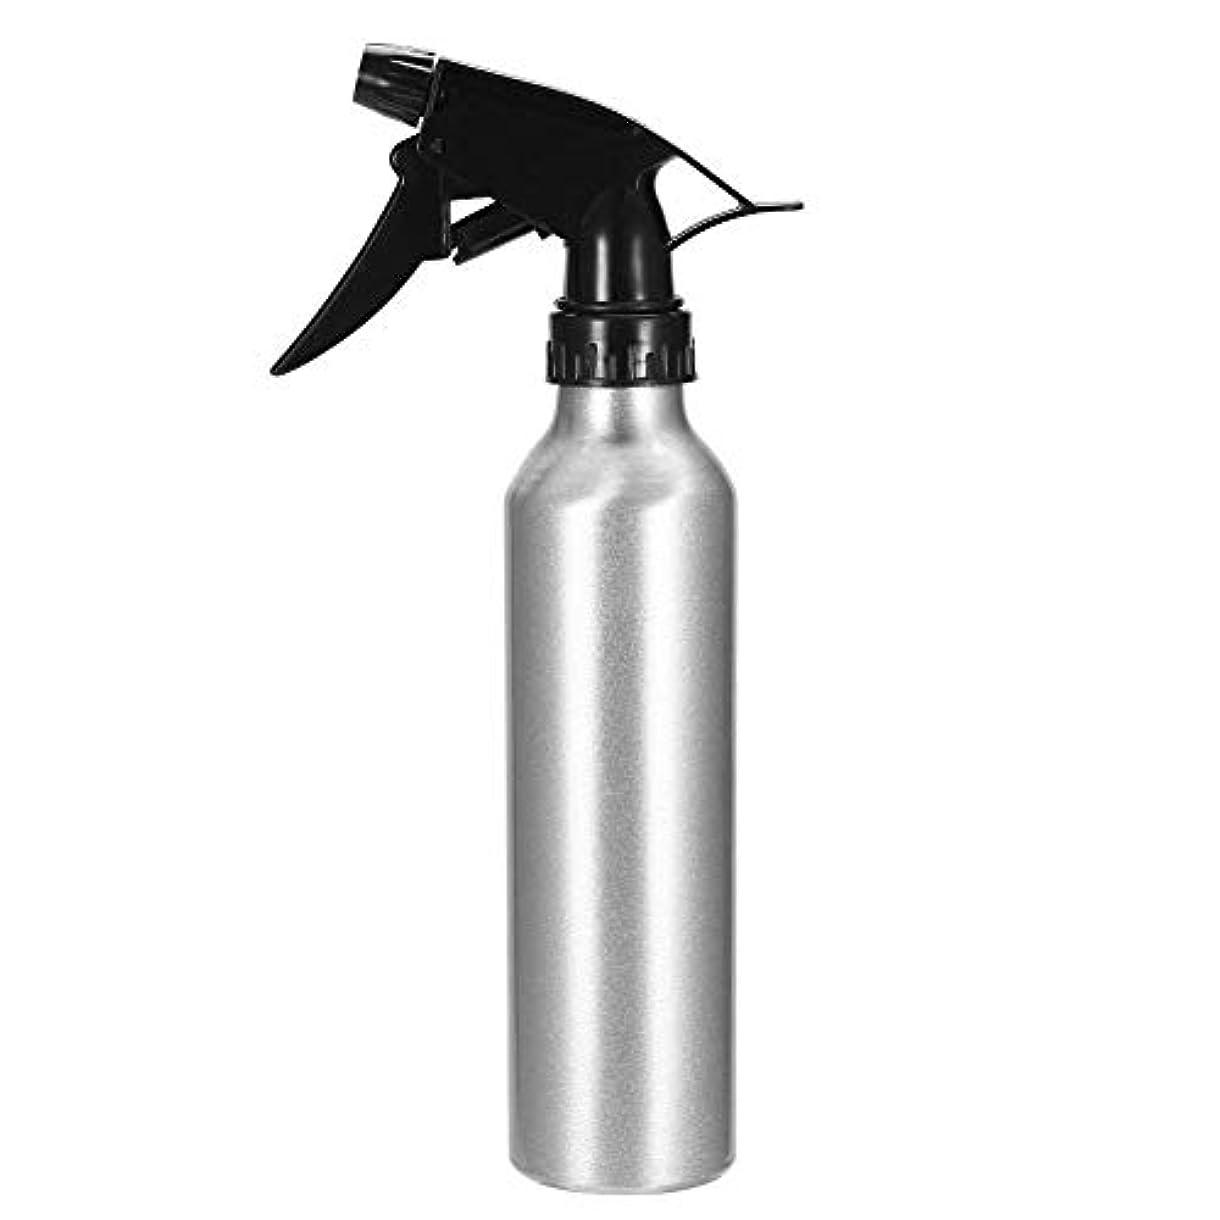 克服する期限切れシールPichidr-JP アルミスプレーボトルシルバートリガーエンプティタトゥーエッセンシャルオイルスプレー用サロン理容美容院植物クリーニング